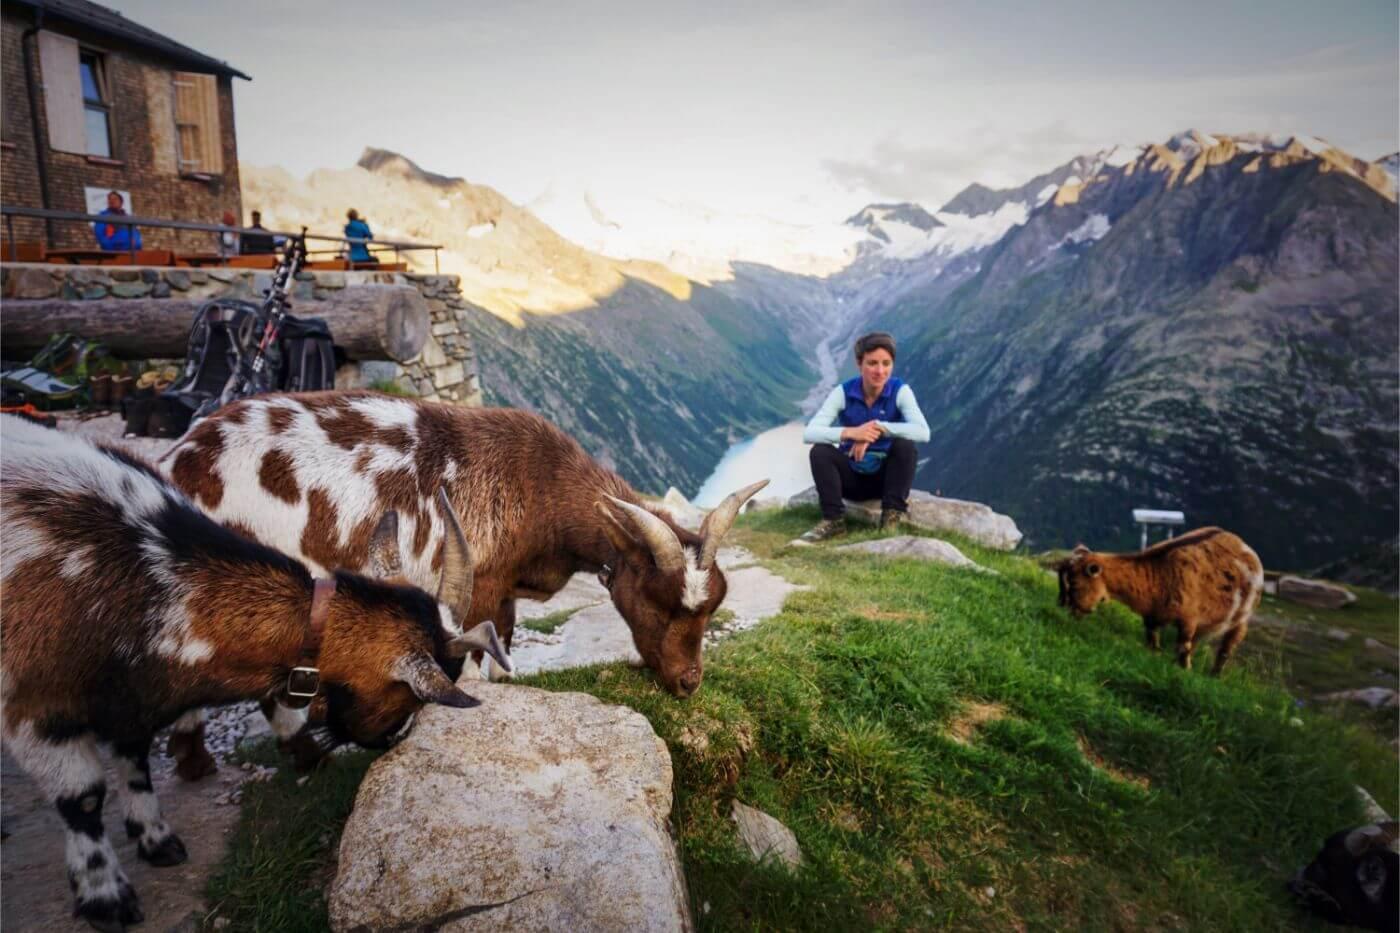 Goats at Olperer Hütte, Zillertal Alps, Austria - Berlin High Trail Packing List